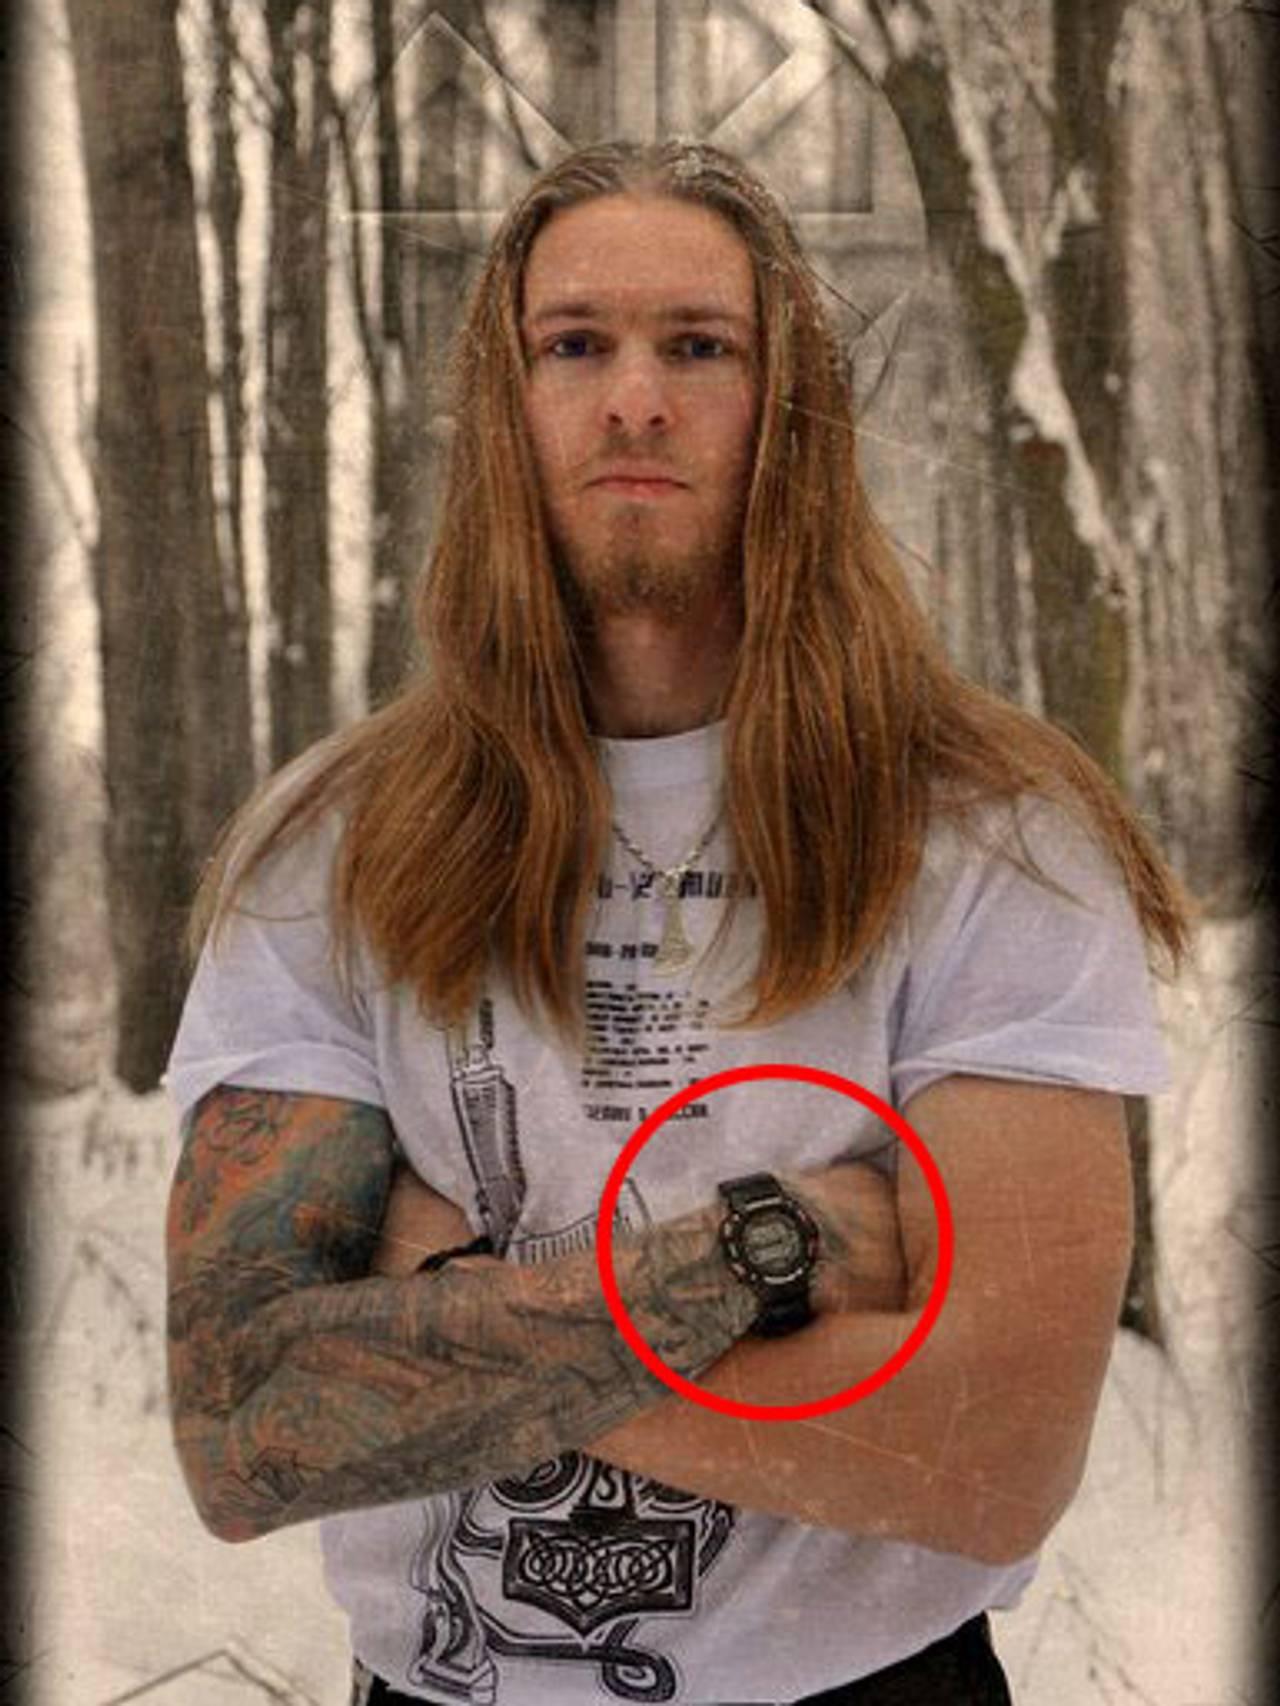 Petrovsky med klokke og bare armer